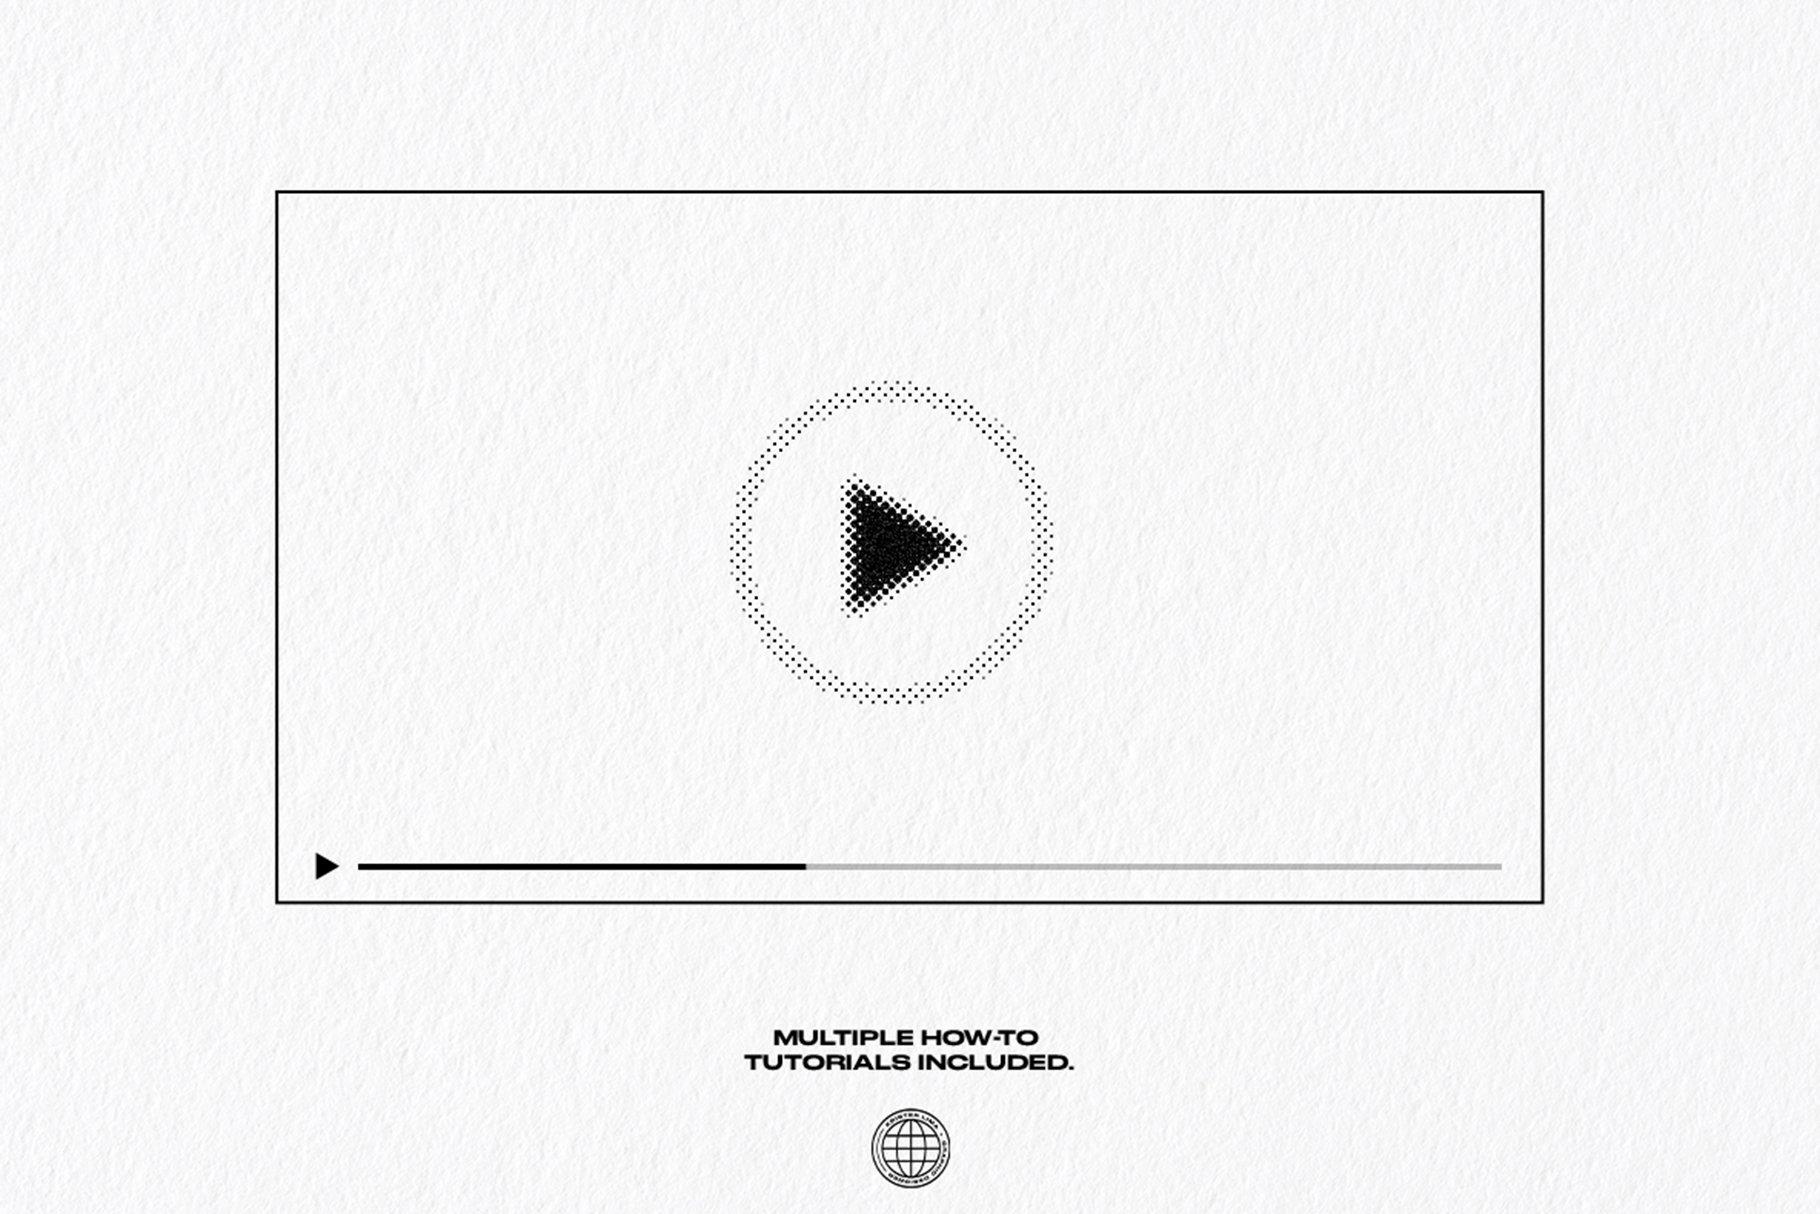 [淘宝购买] 潮流复古半调波点效果文字图形设计处理一键式PS动作 The One Click Analog Halftone Maker插图9